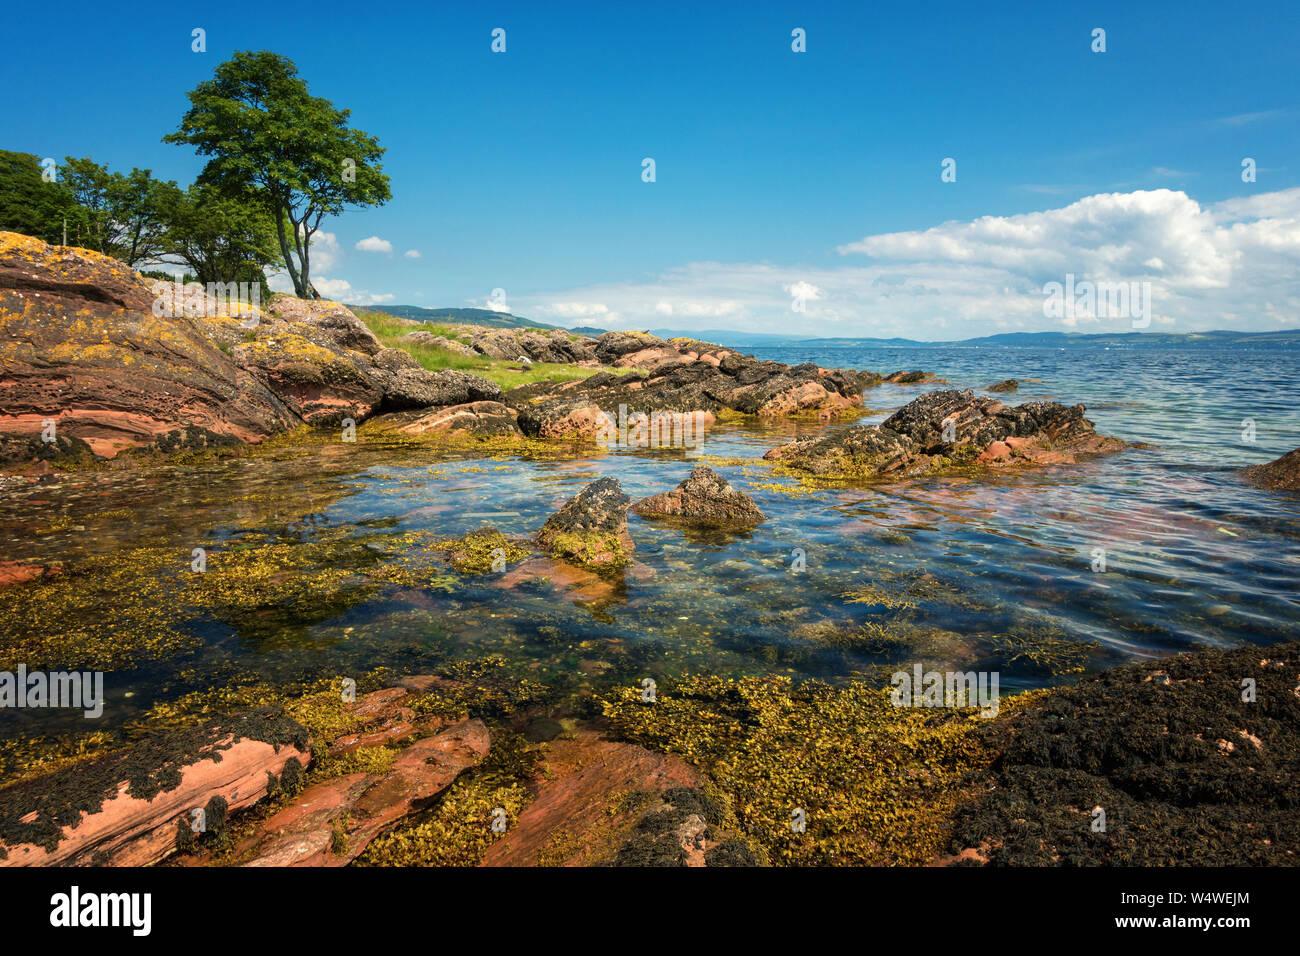 Un impresionante clima en Ascog beach, en la isla de Bute, Escocia Foto de stock